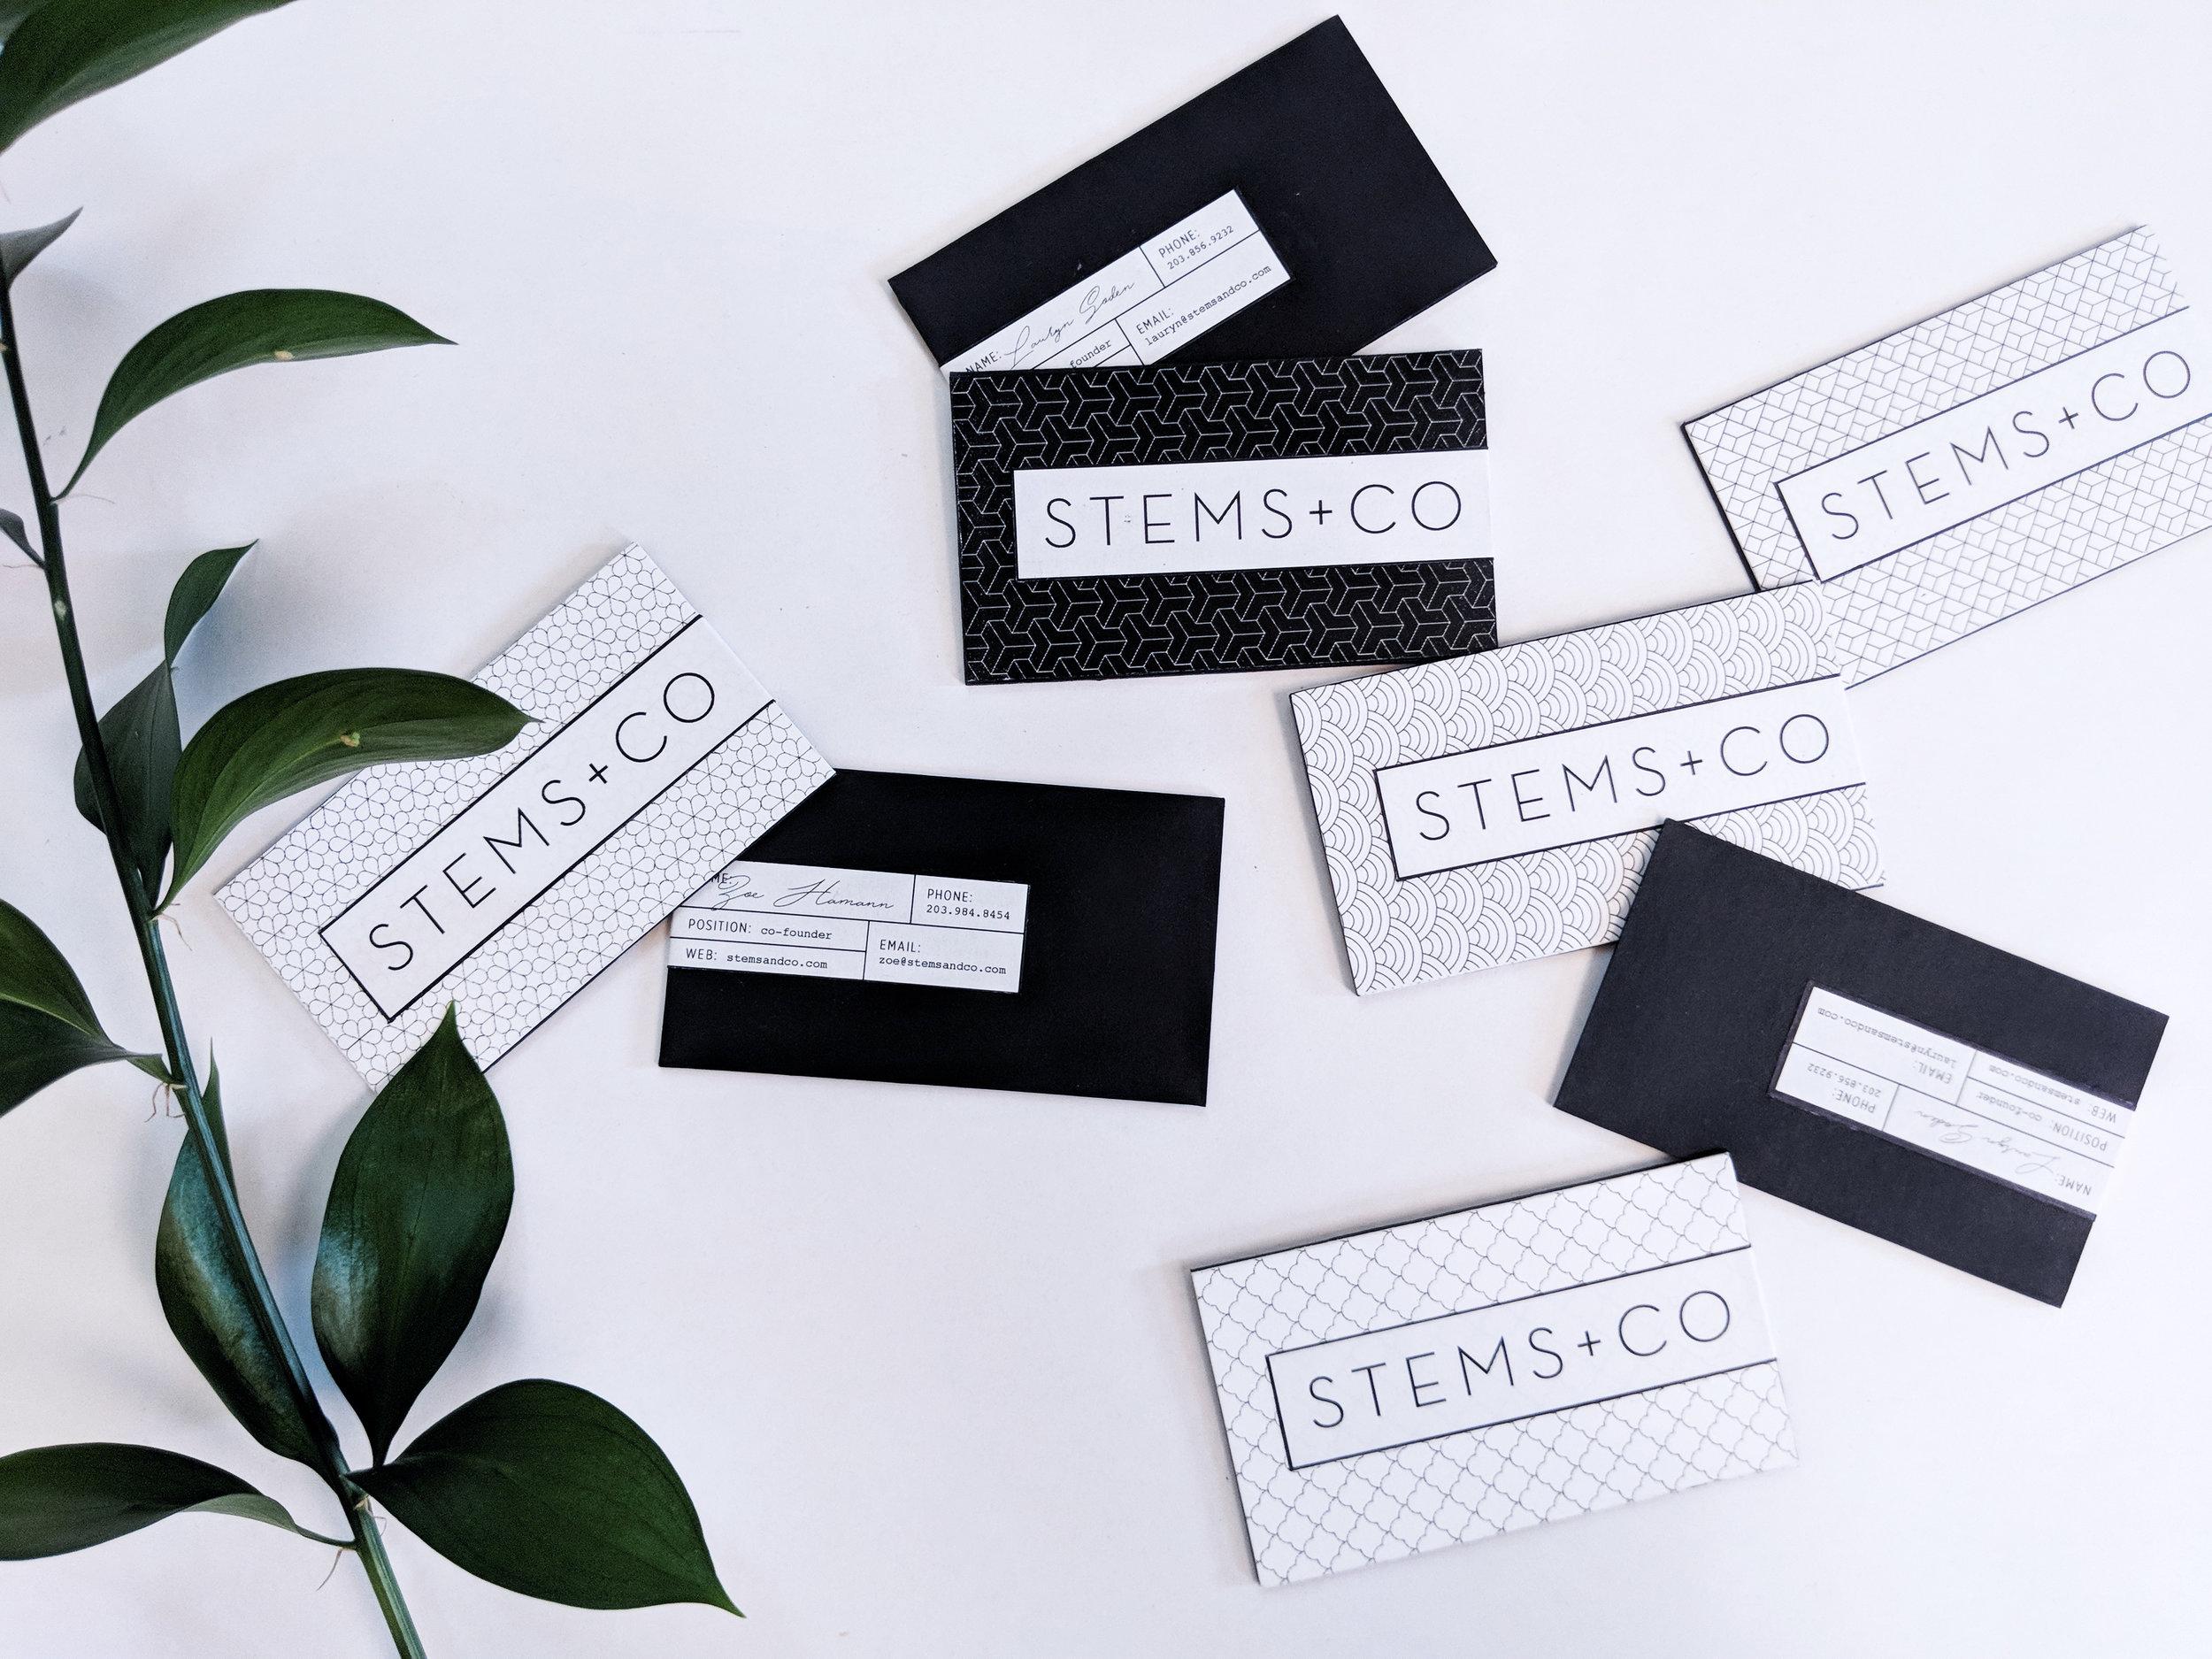 Stems+Co_Cards_05.jpg